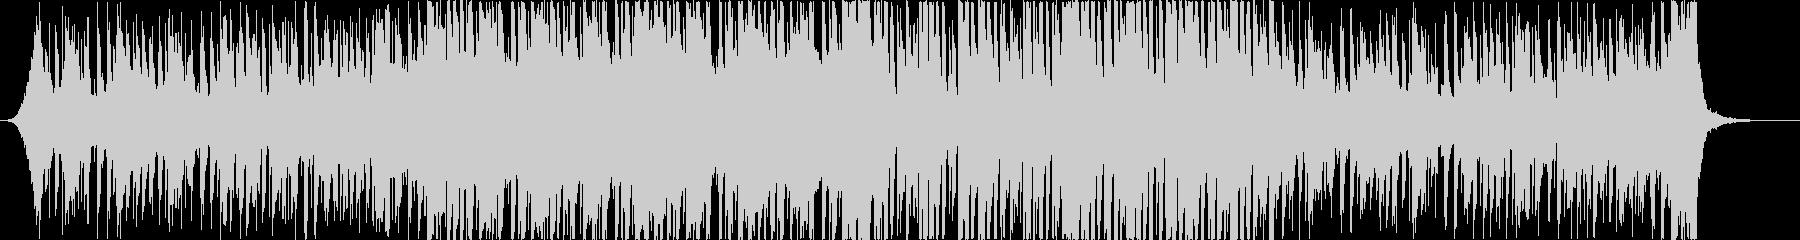 レトロでおしゃれな80'Sエレクトロbの未再生の波形